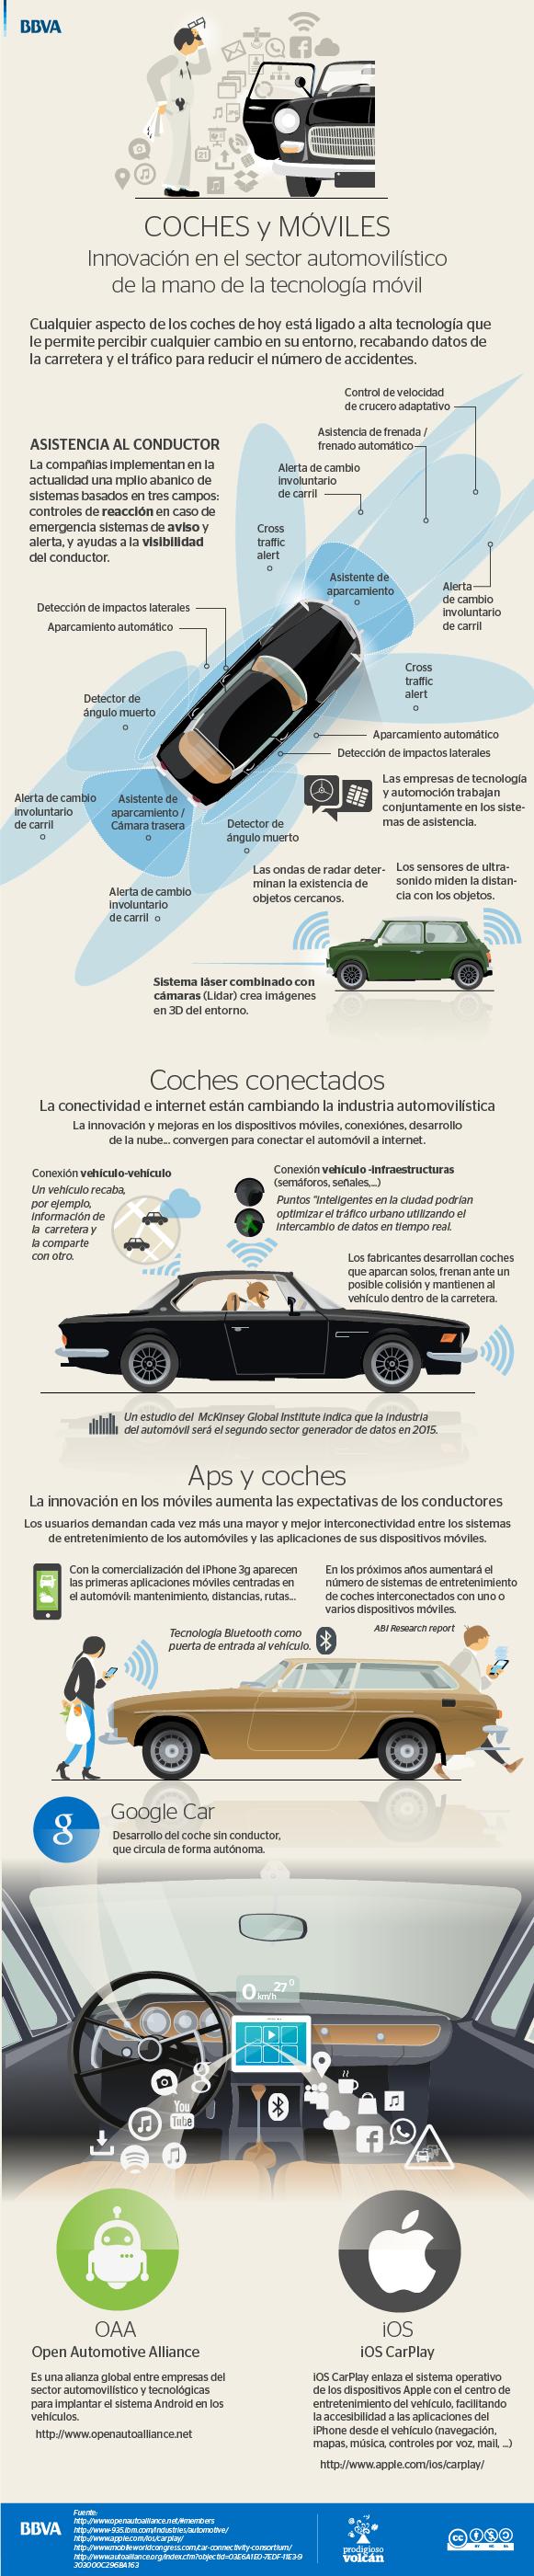 Coches y móviles: una relación con mucho futuro